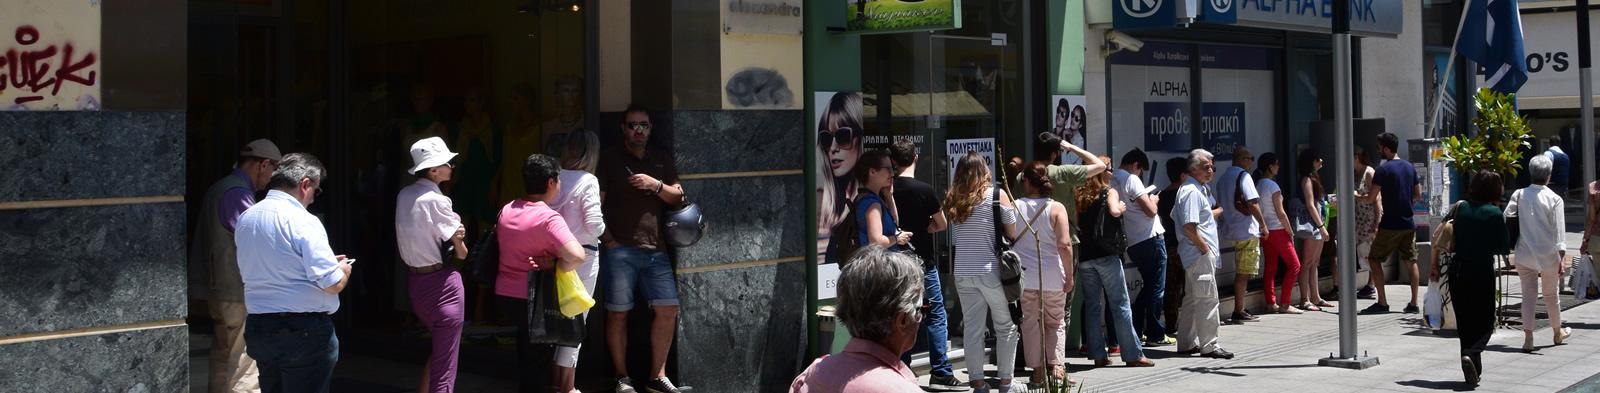 Queue at a Greek bank